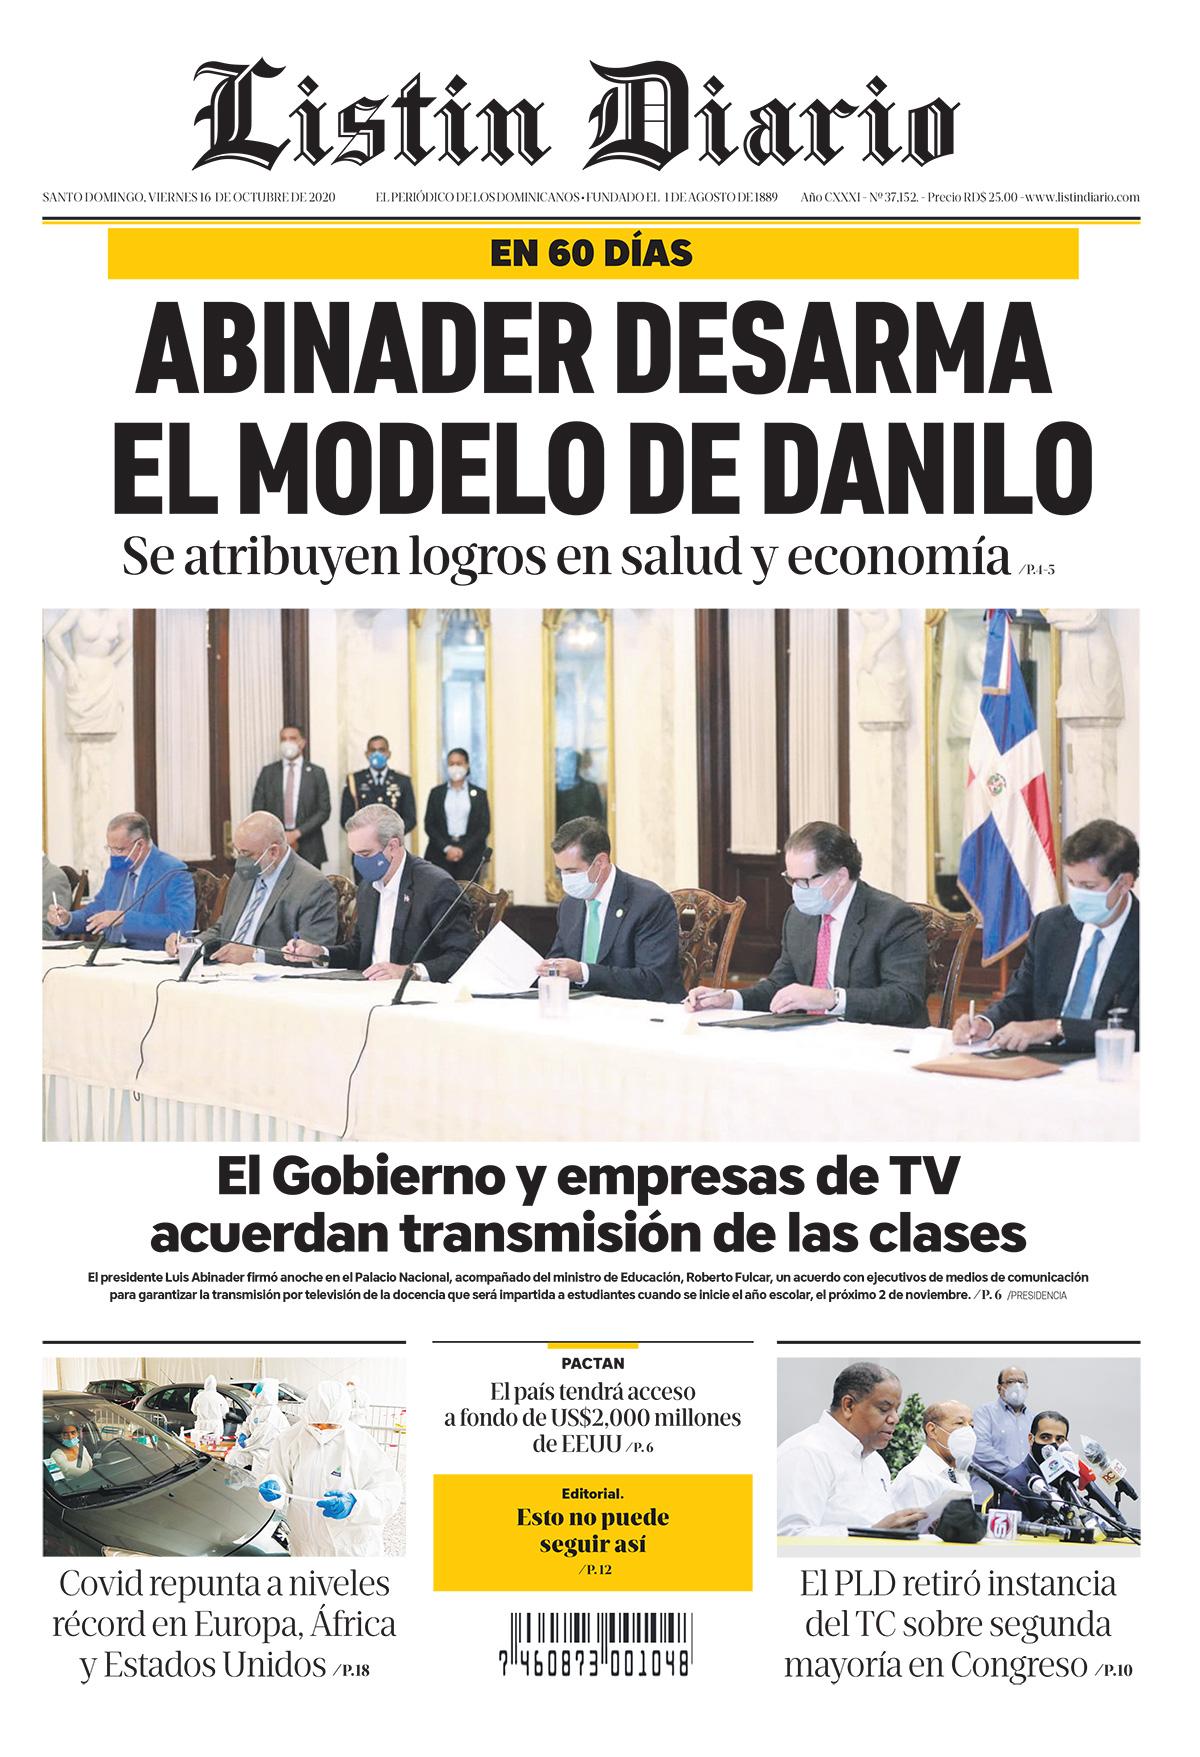 Portada Periódico Listín Diario, Viernes 16 de Octubre, 2020